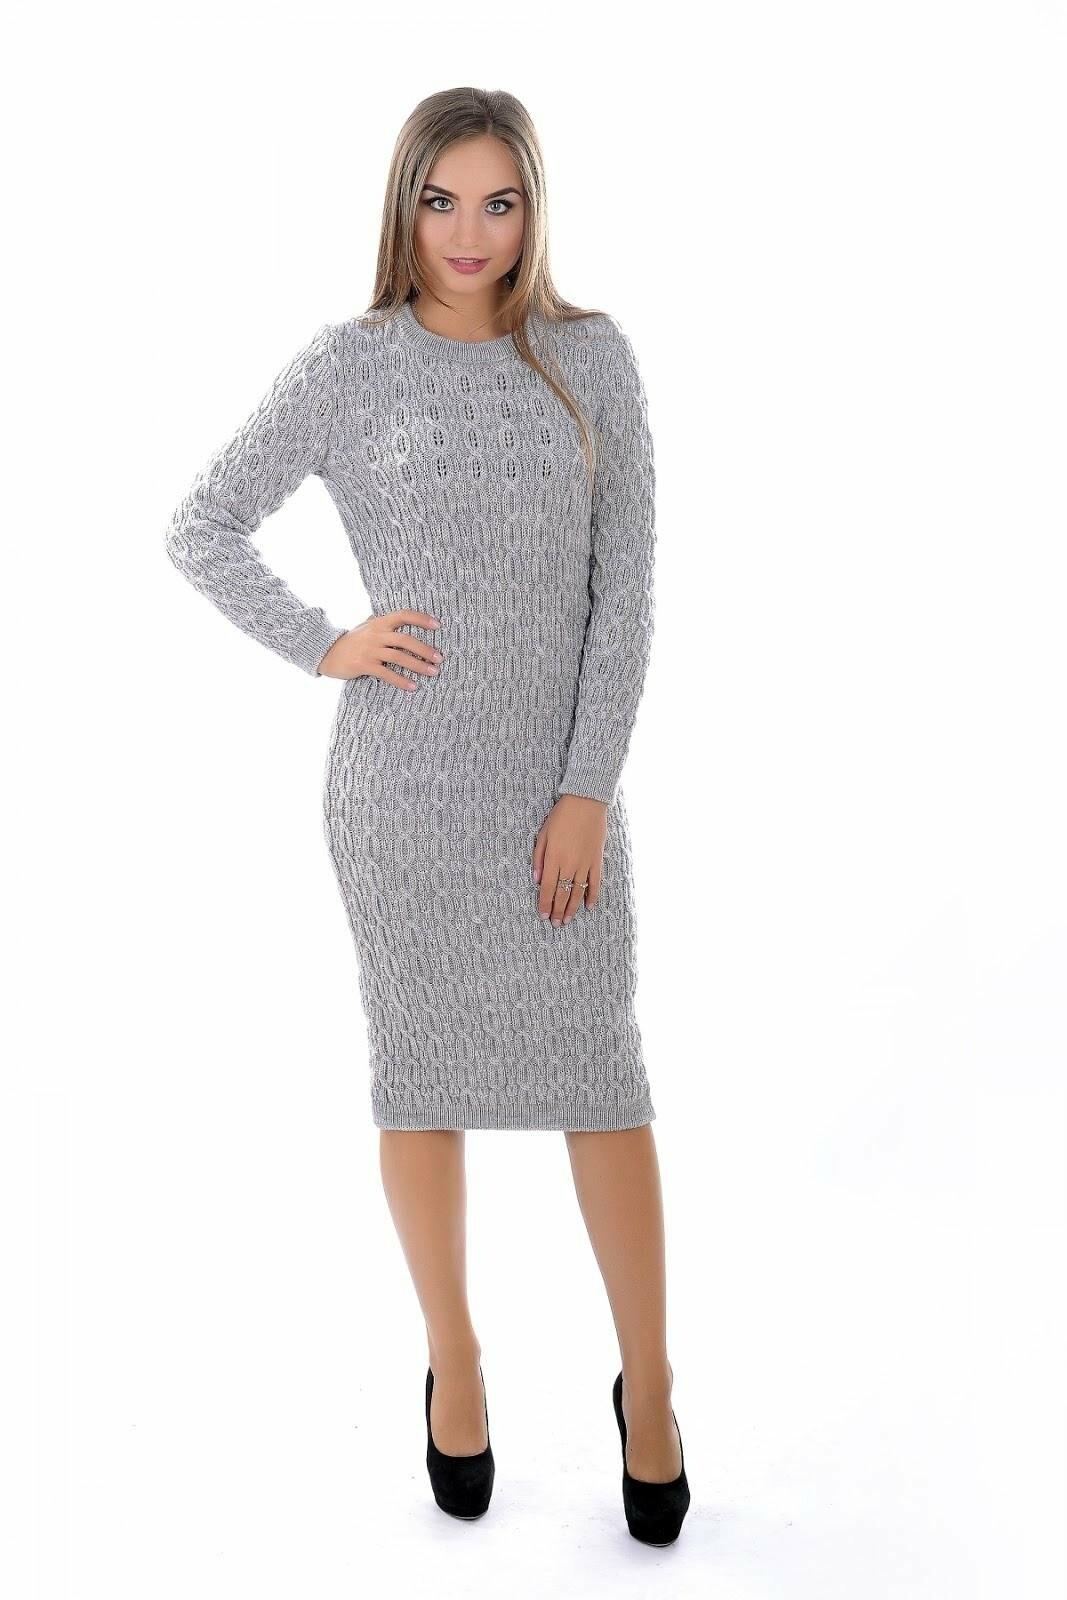 Вязаные платья любого дизайна - приглашение к сотрудничеству, фото-2